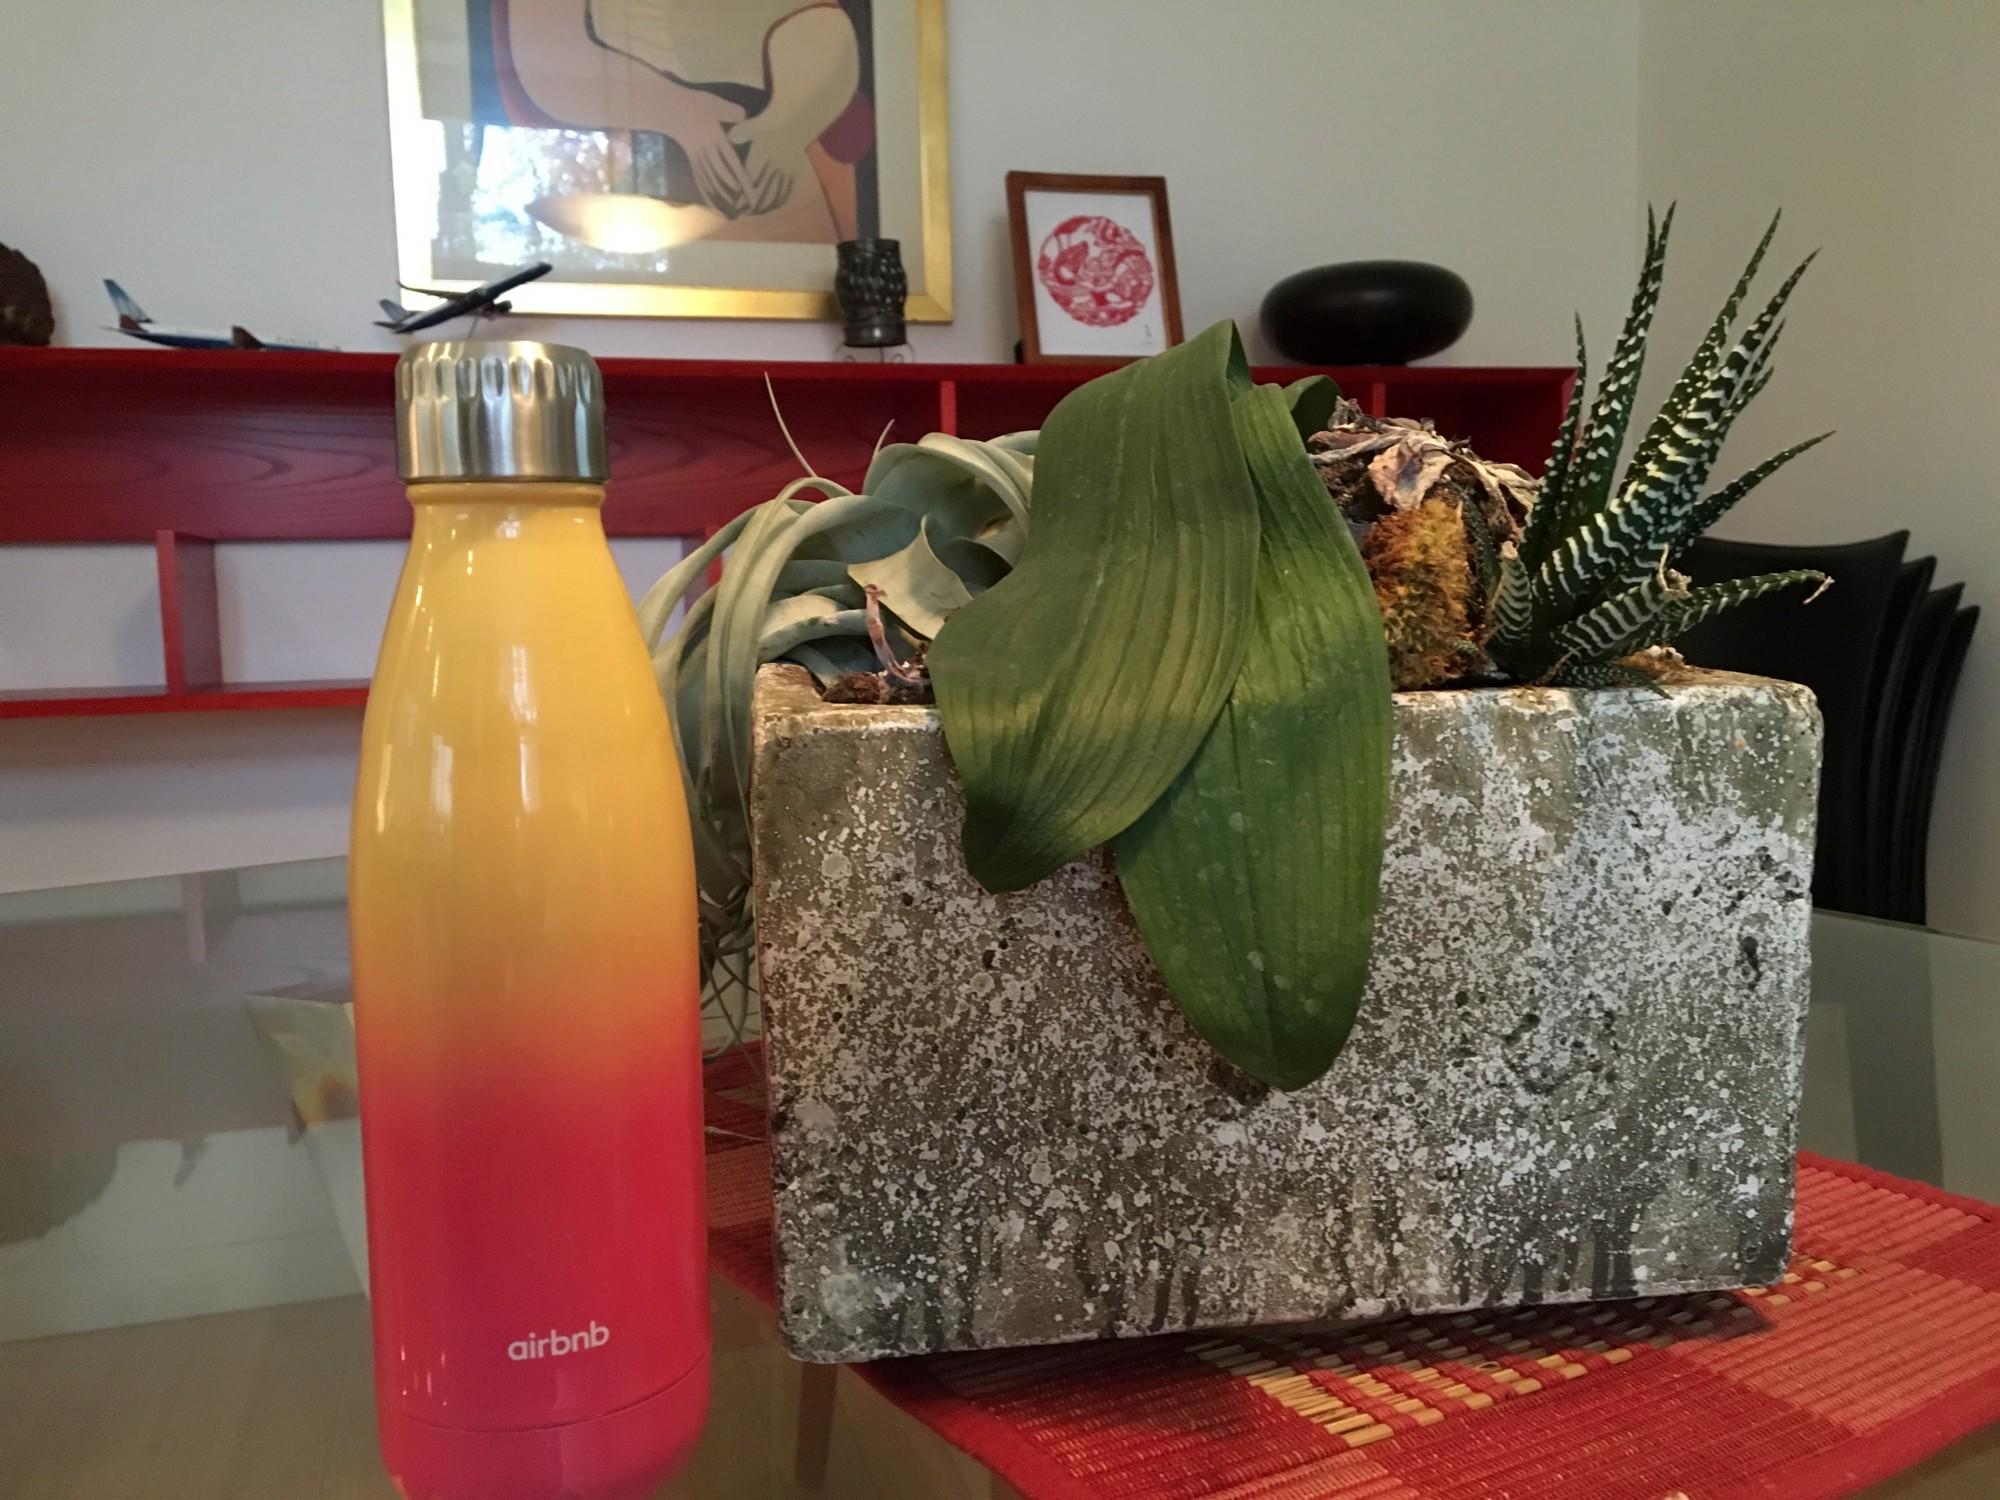 s'well yogi water bottle ($35 /bottle)